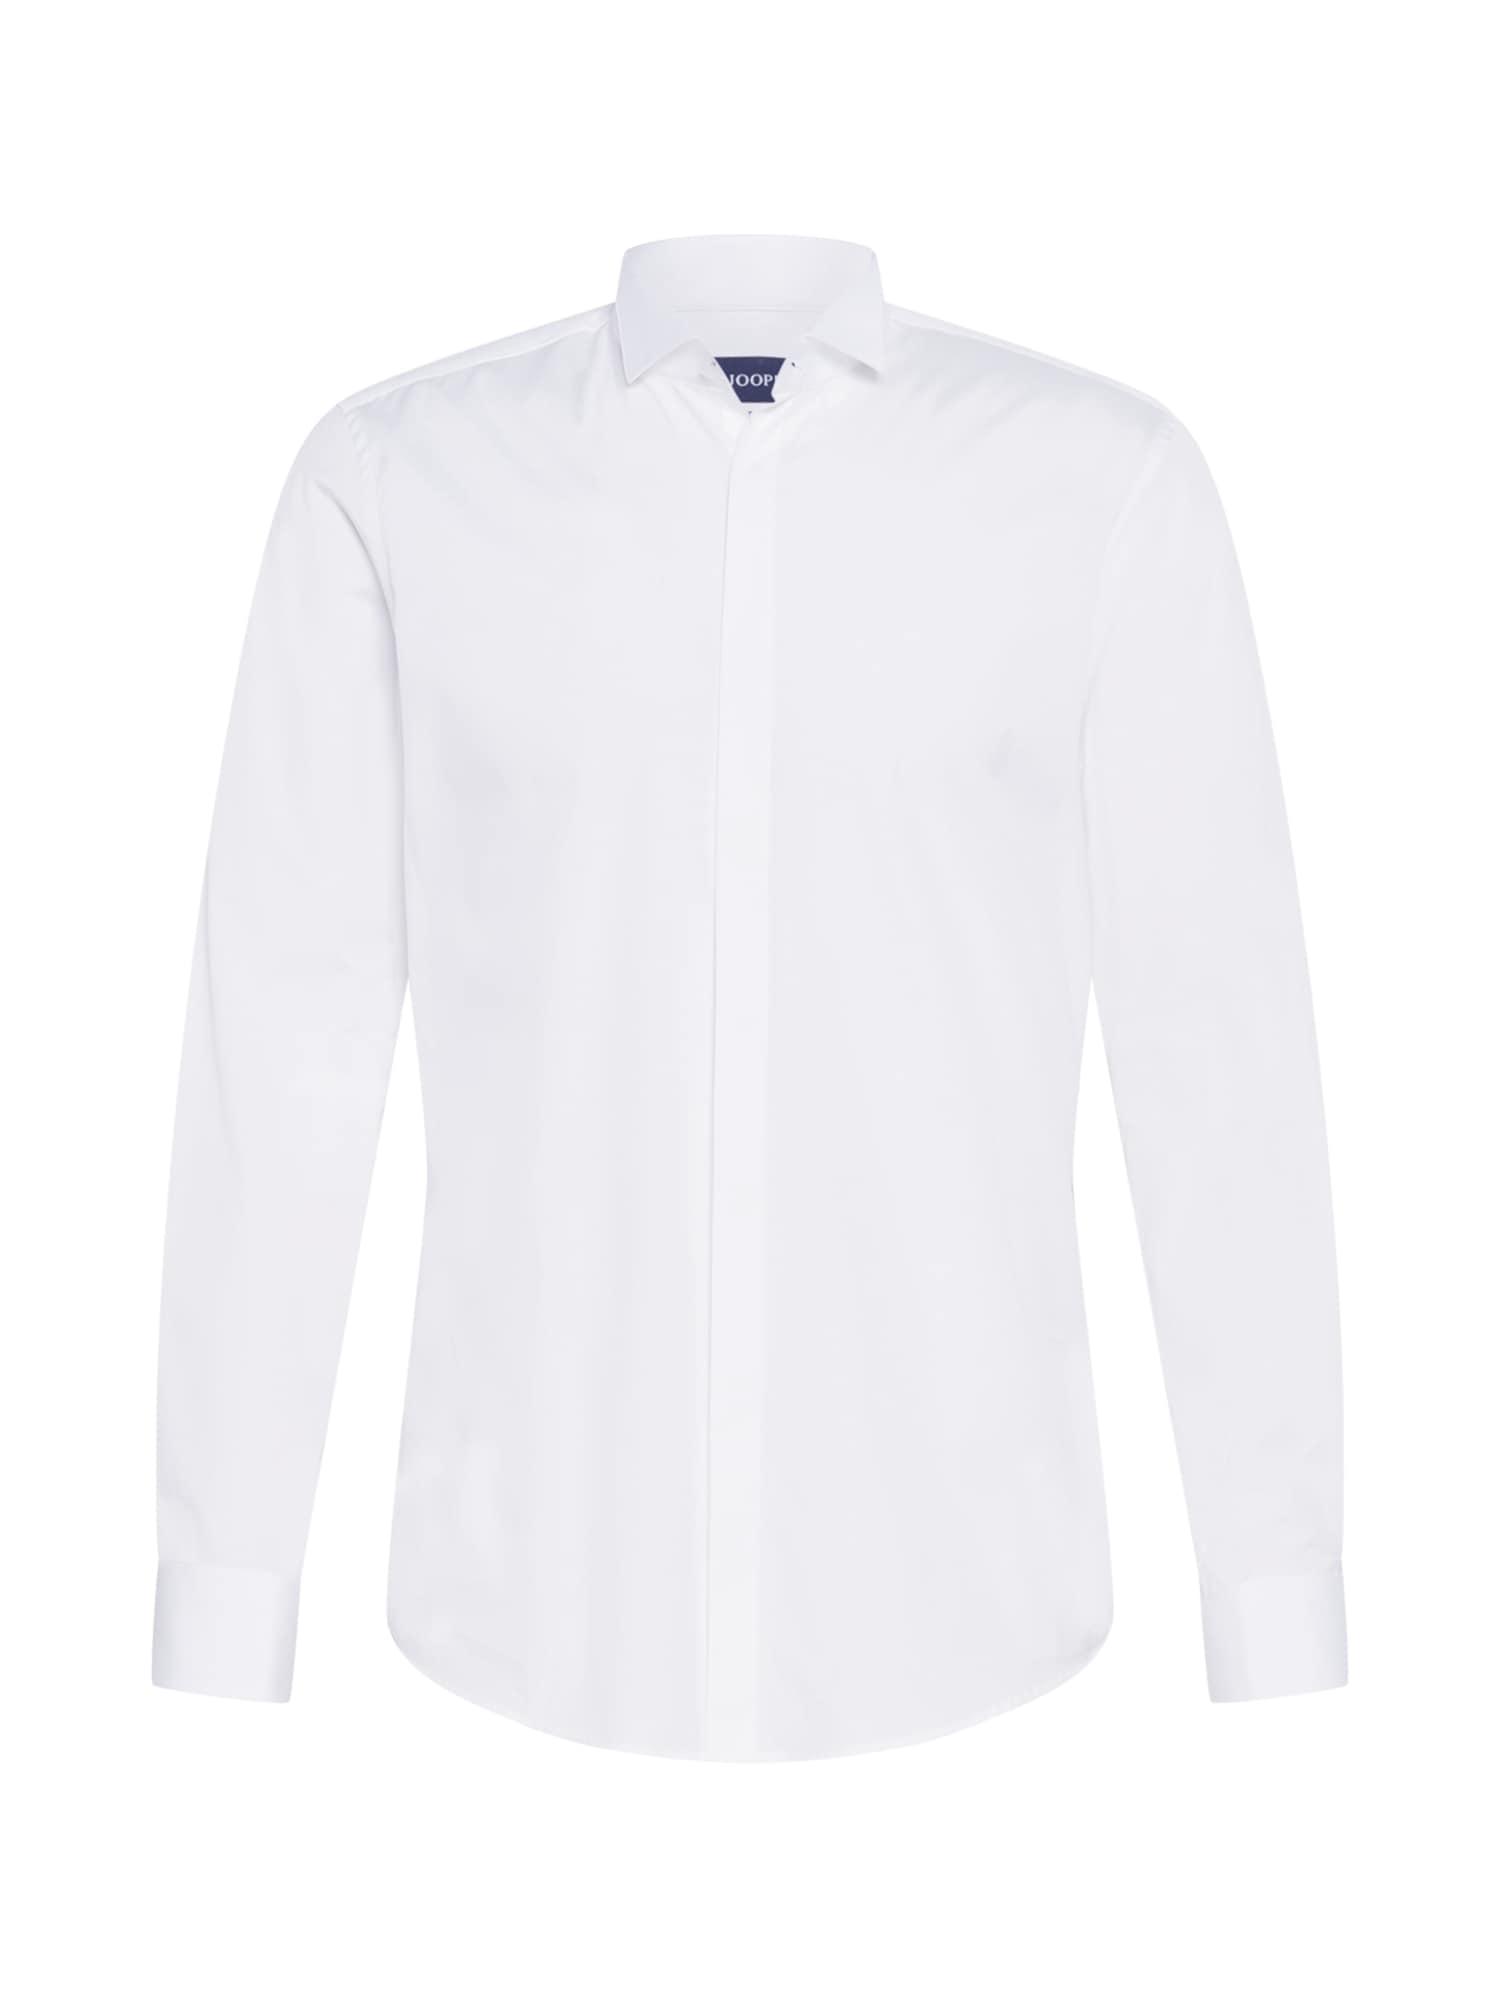 JOOP! Dalykinio stiliaus marškiniai